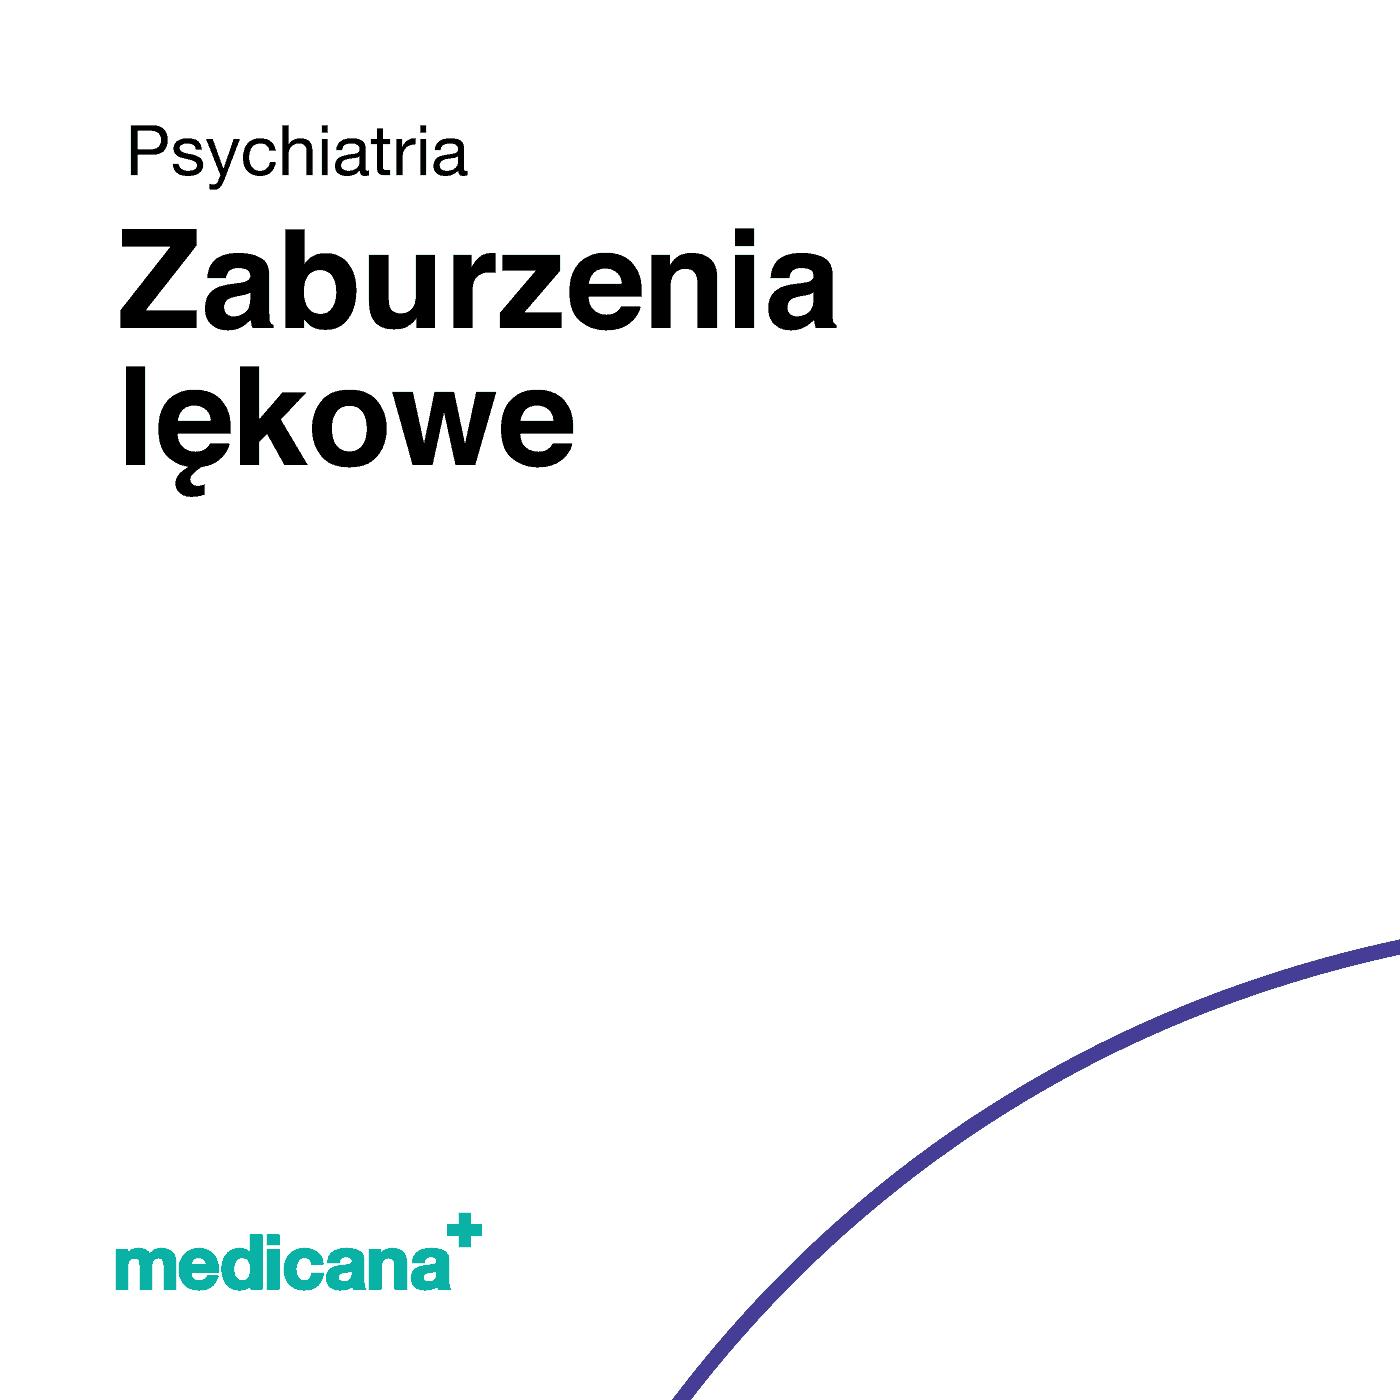 Grafika, białe tło z granatową kreską, czarnym napisem Psychiatria - Zaburzenia lękowe oraz zielonym logo Medicana w lewym dolnym rogu.